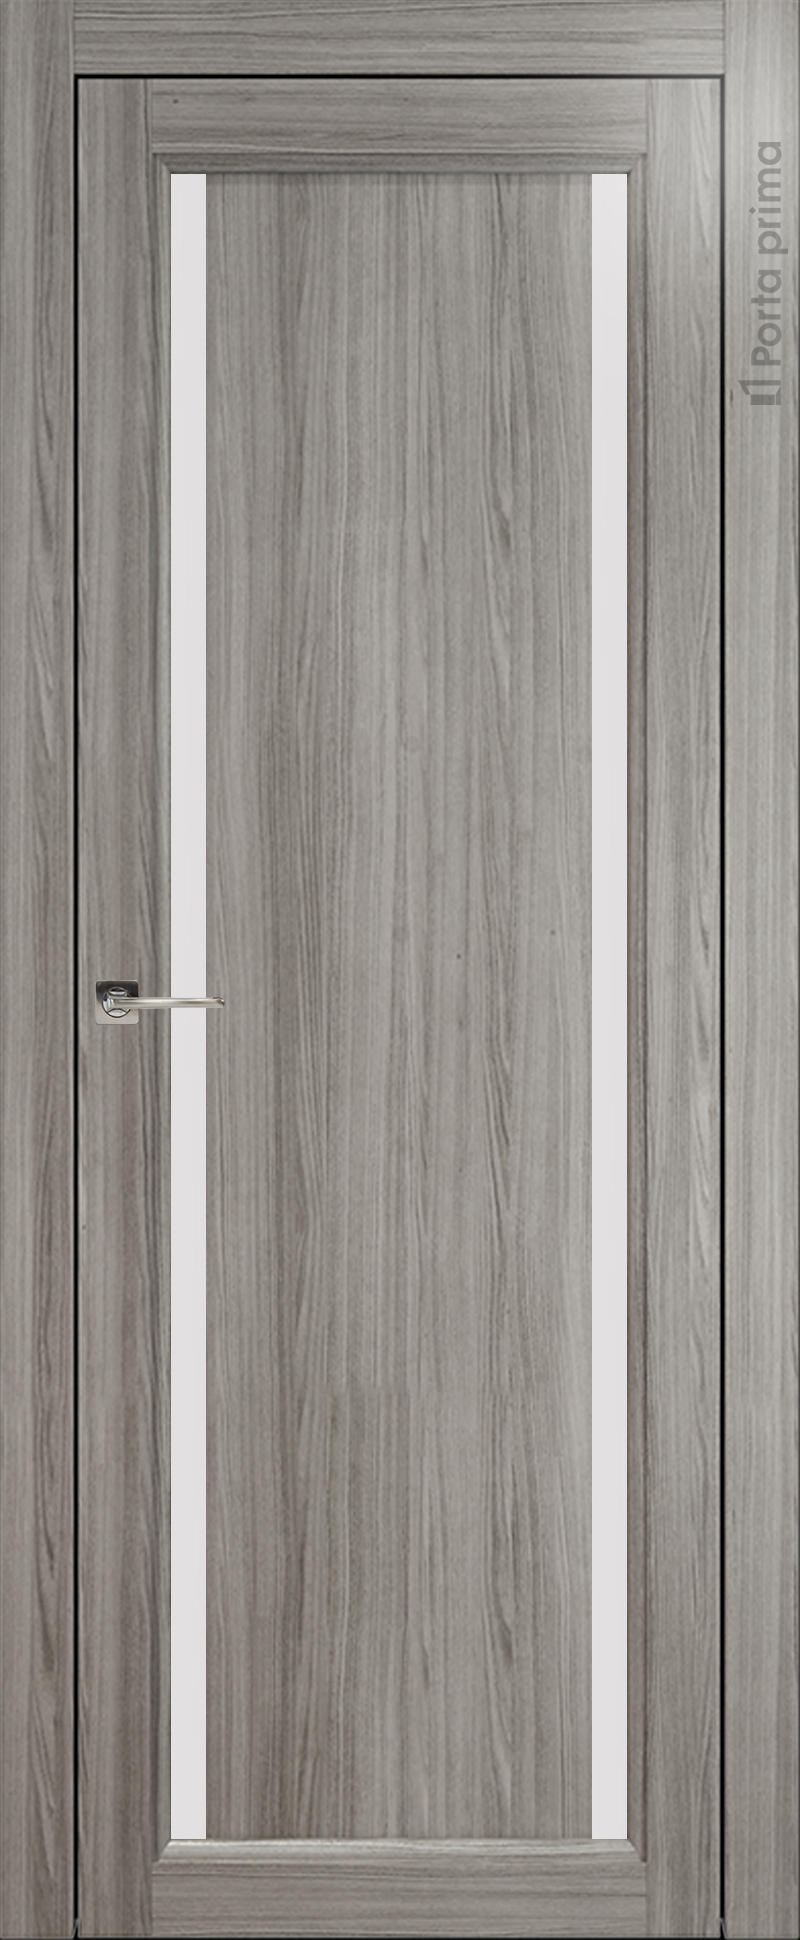 Sorrento-R Ж4 цвет - Орех пепельный Без стекла (ДГ)